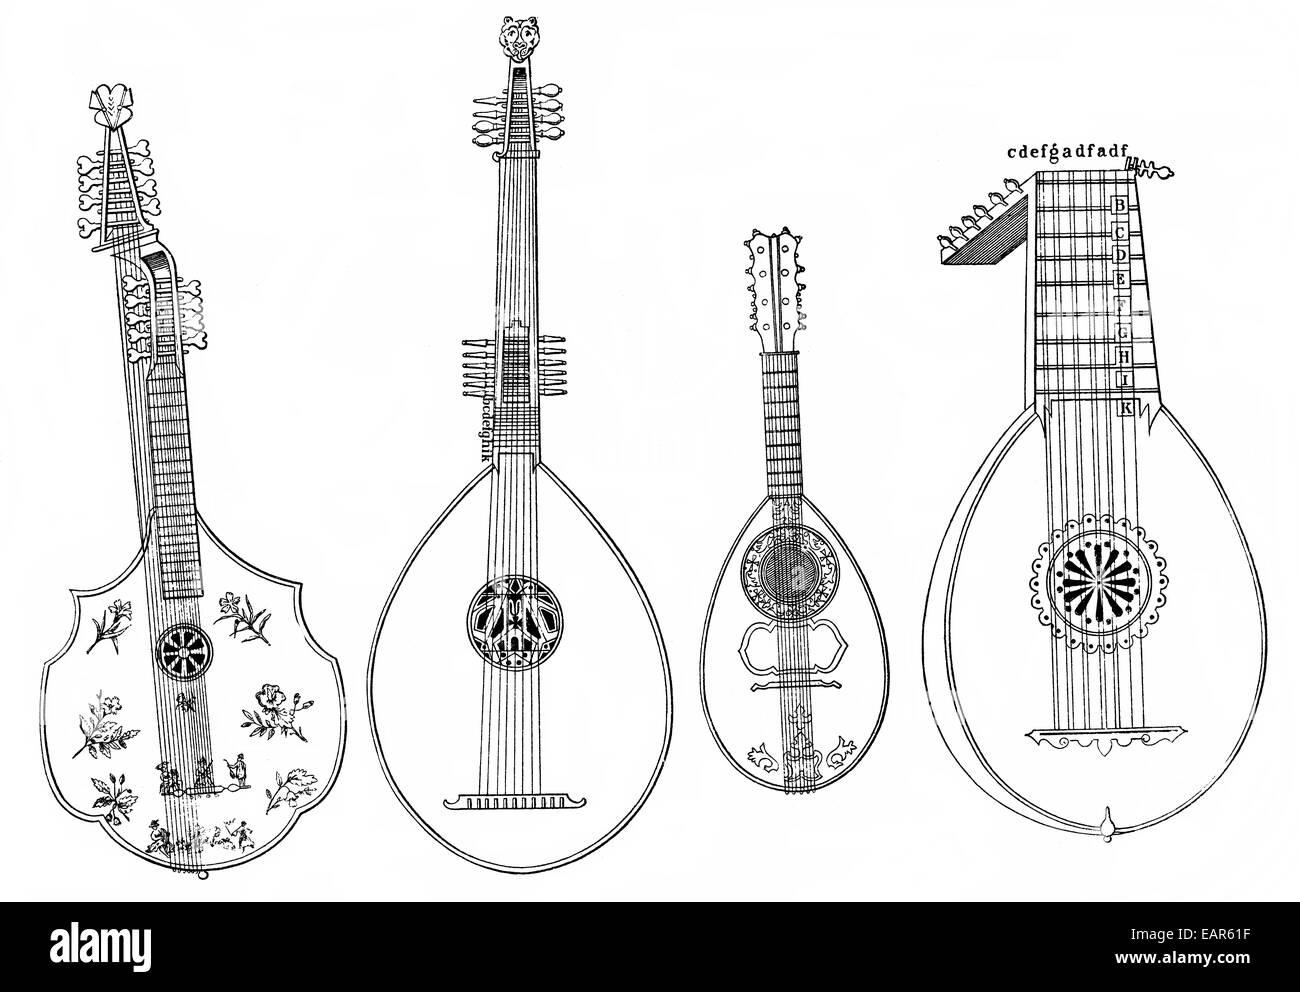 verschiedene Formen der Laute, Mandoline und Theorbe, alte Streichinstrumente Gegenspieler Formen der Laute, Mandoline Stockbild